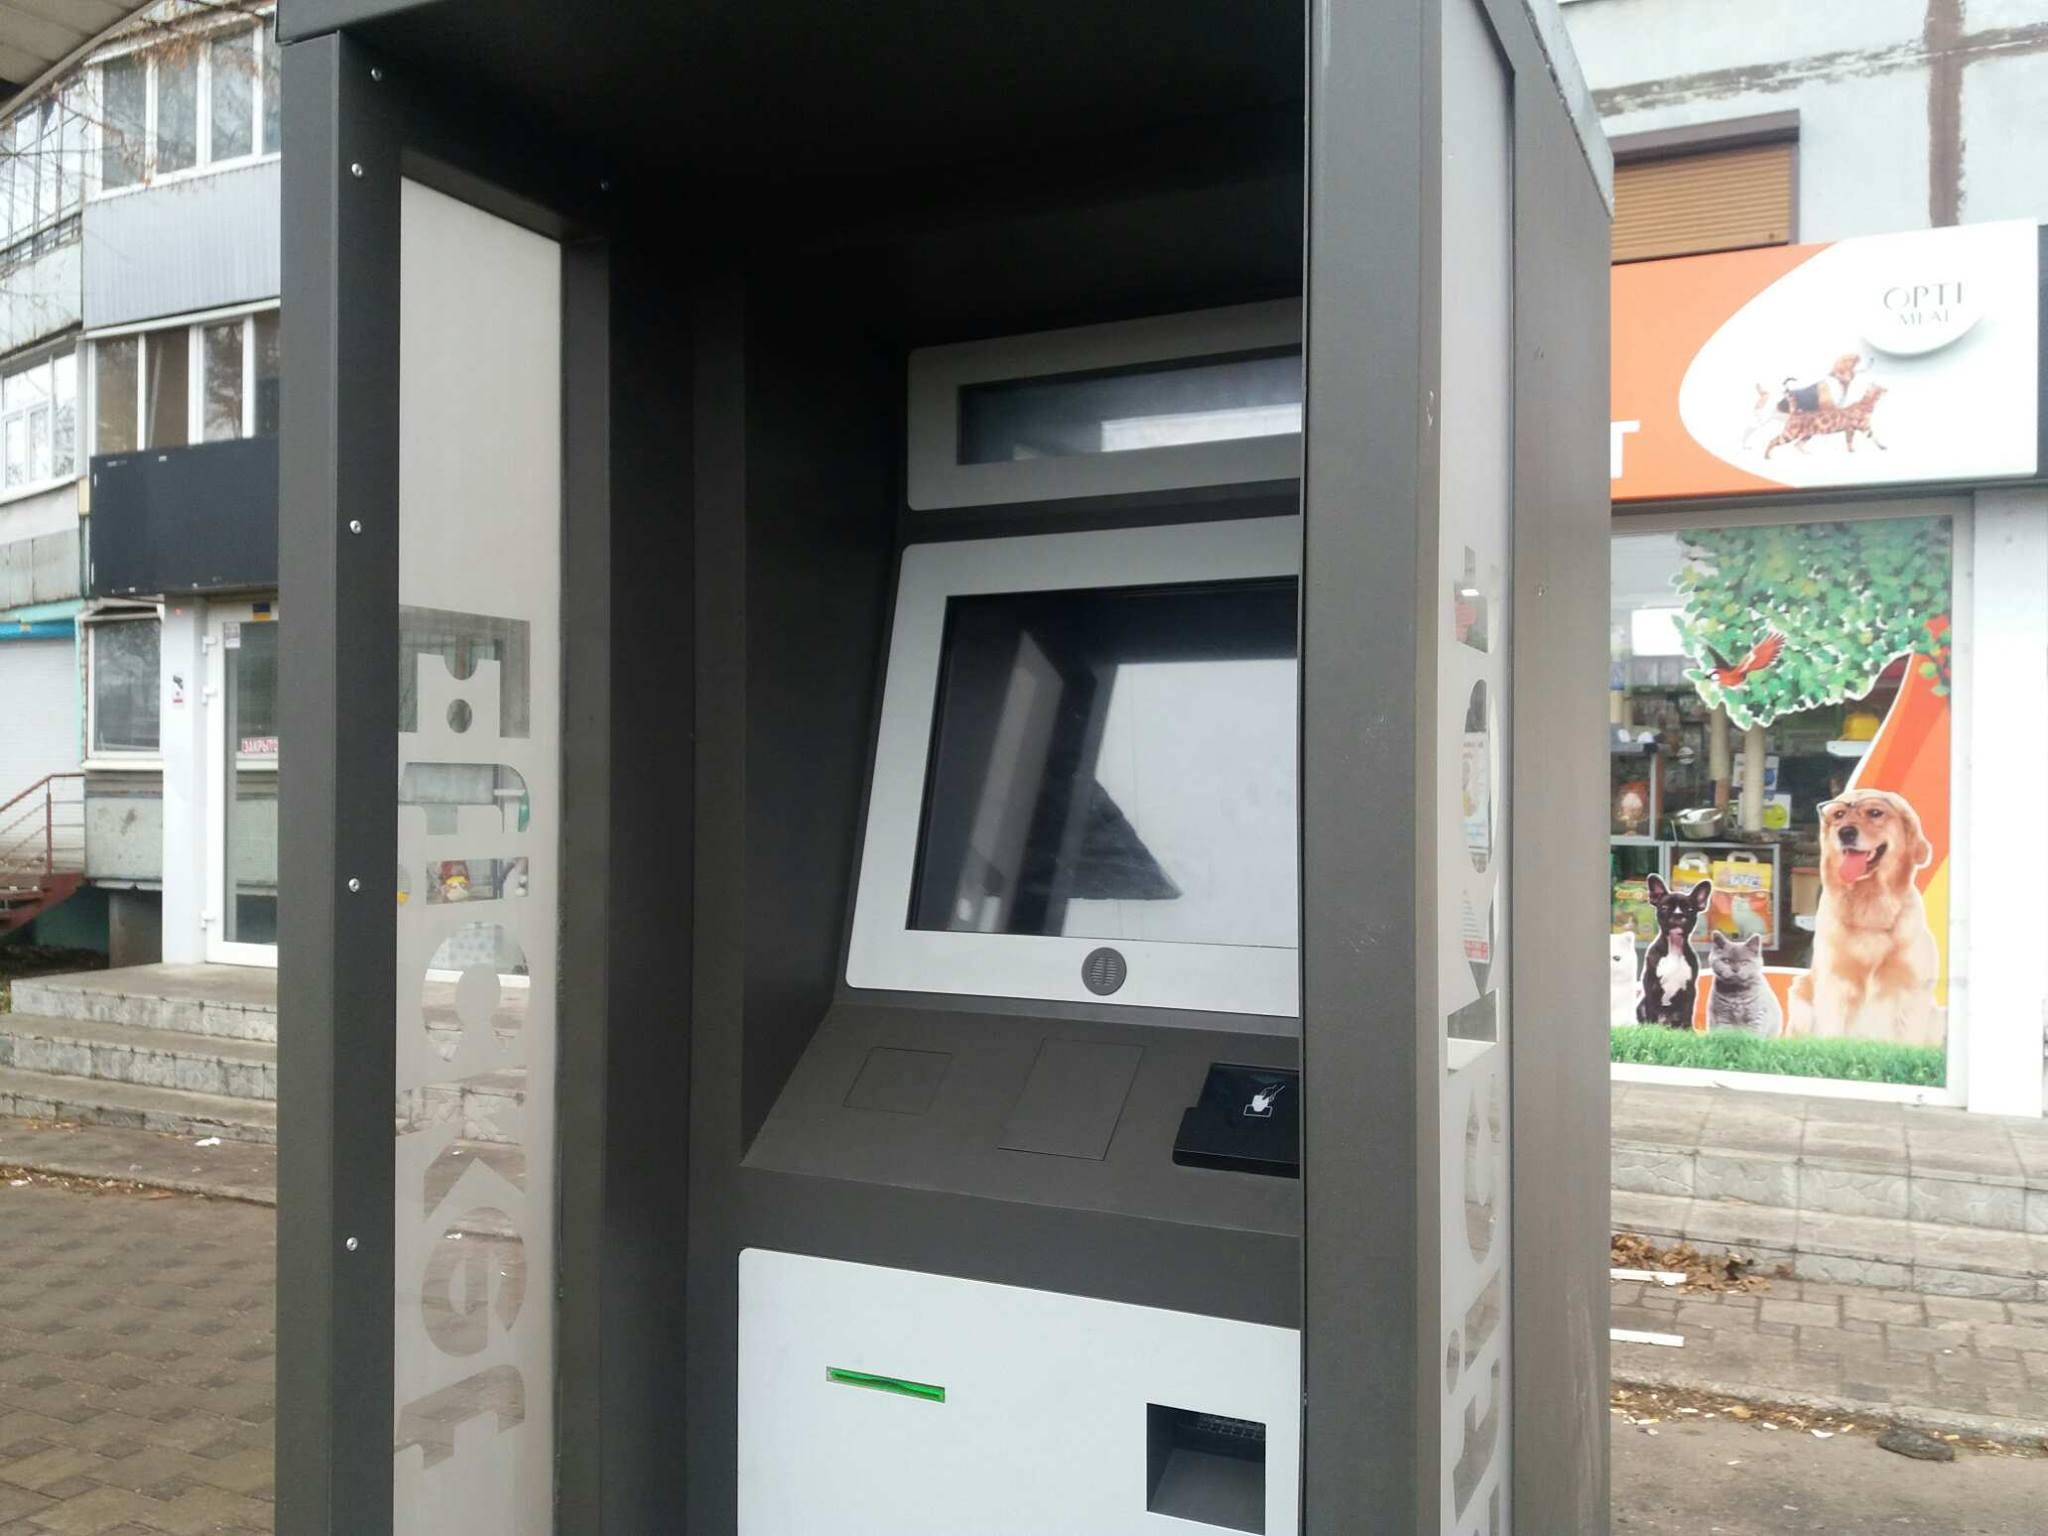 Новая система оплаты проезда. Харьковчане не могут купить электронные билеты (фото)